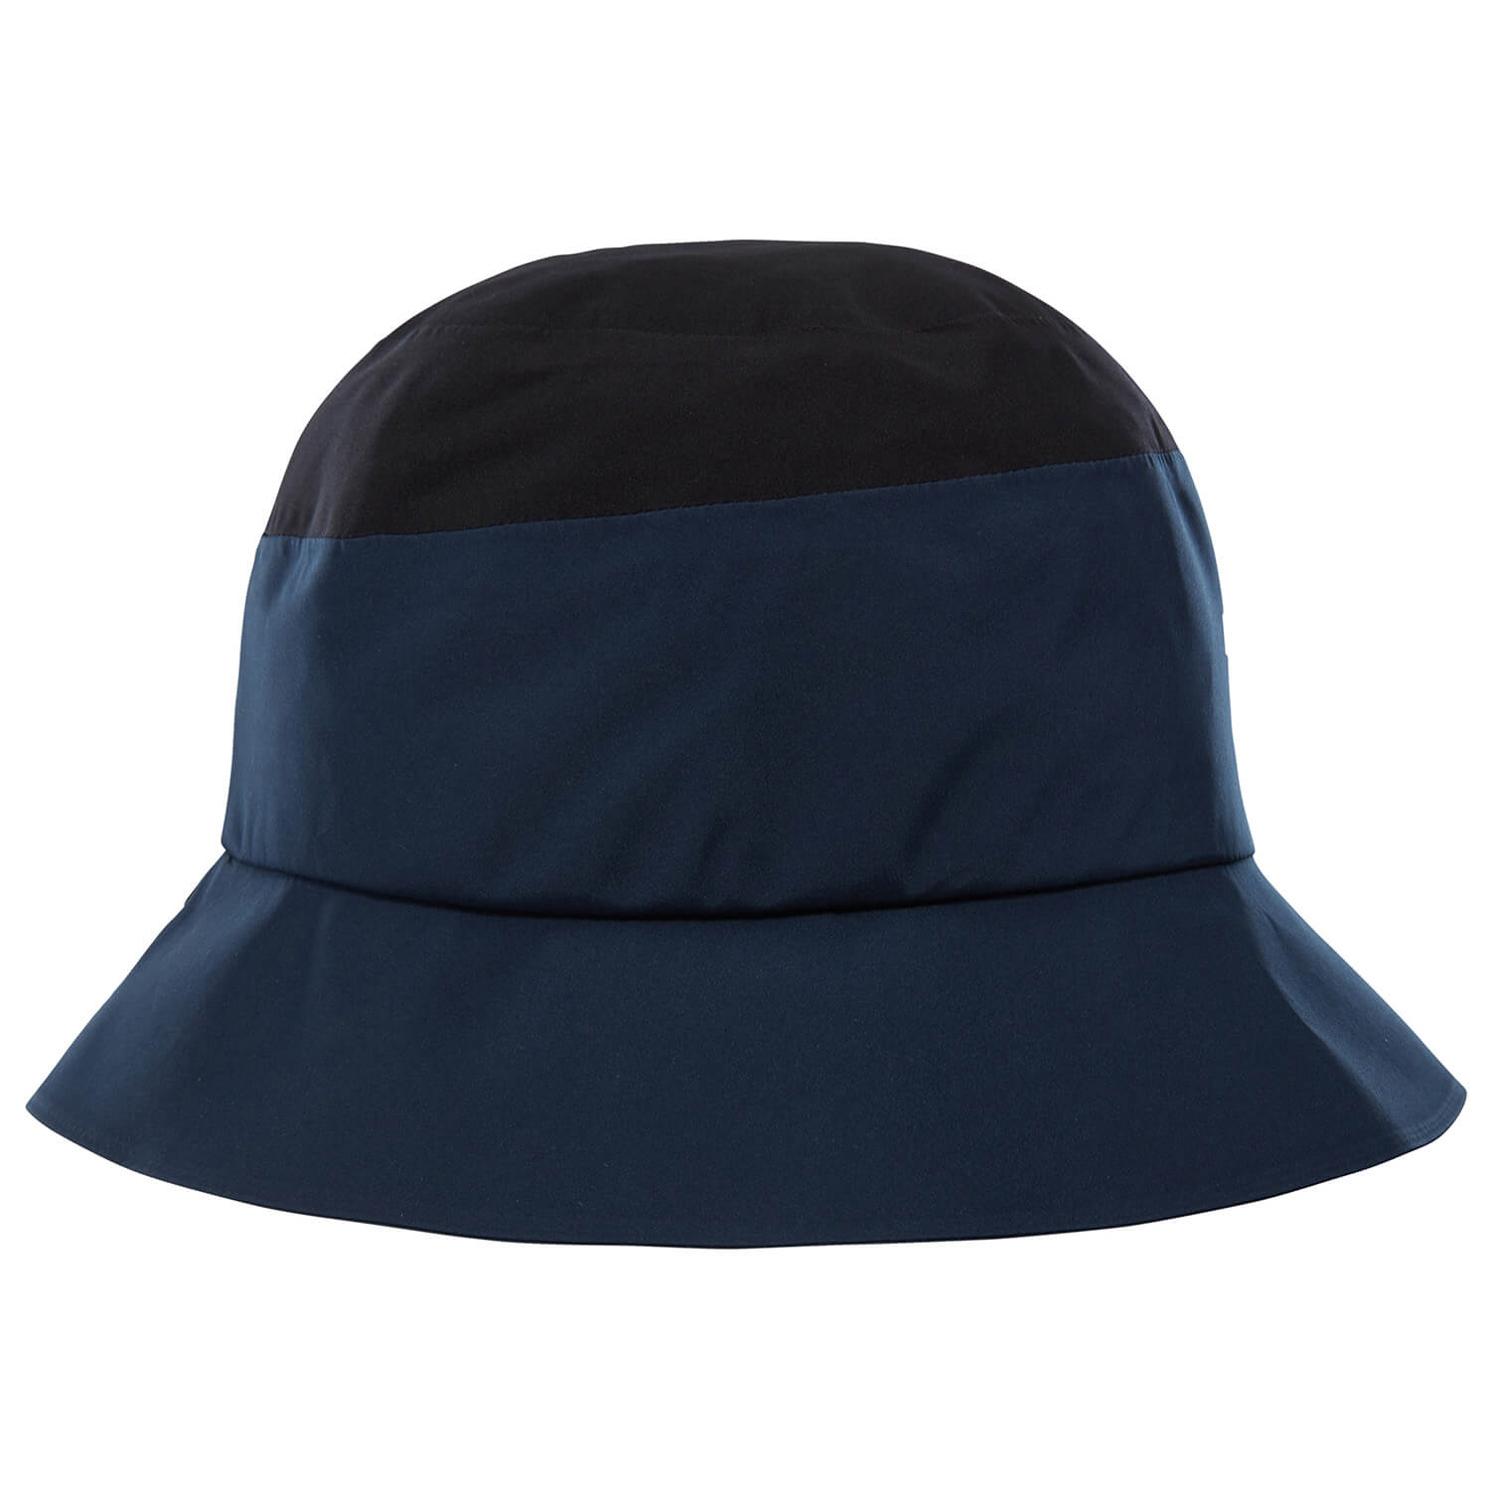 ... The North Face - Goretex Bucket Hat - Hat ... 9e3d199e270e